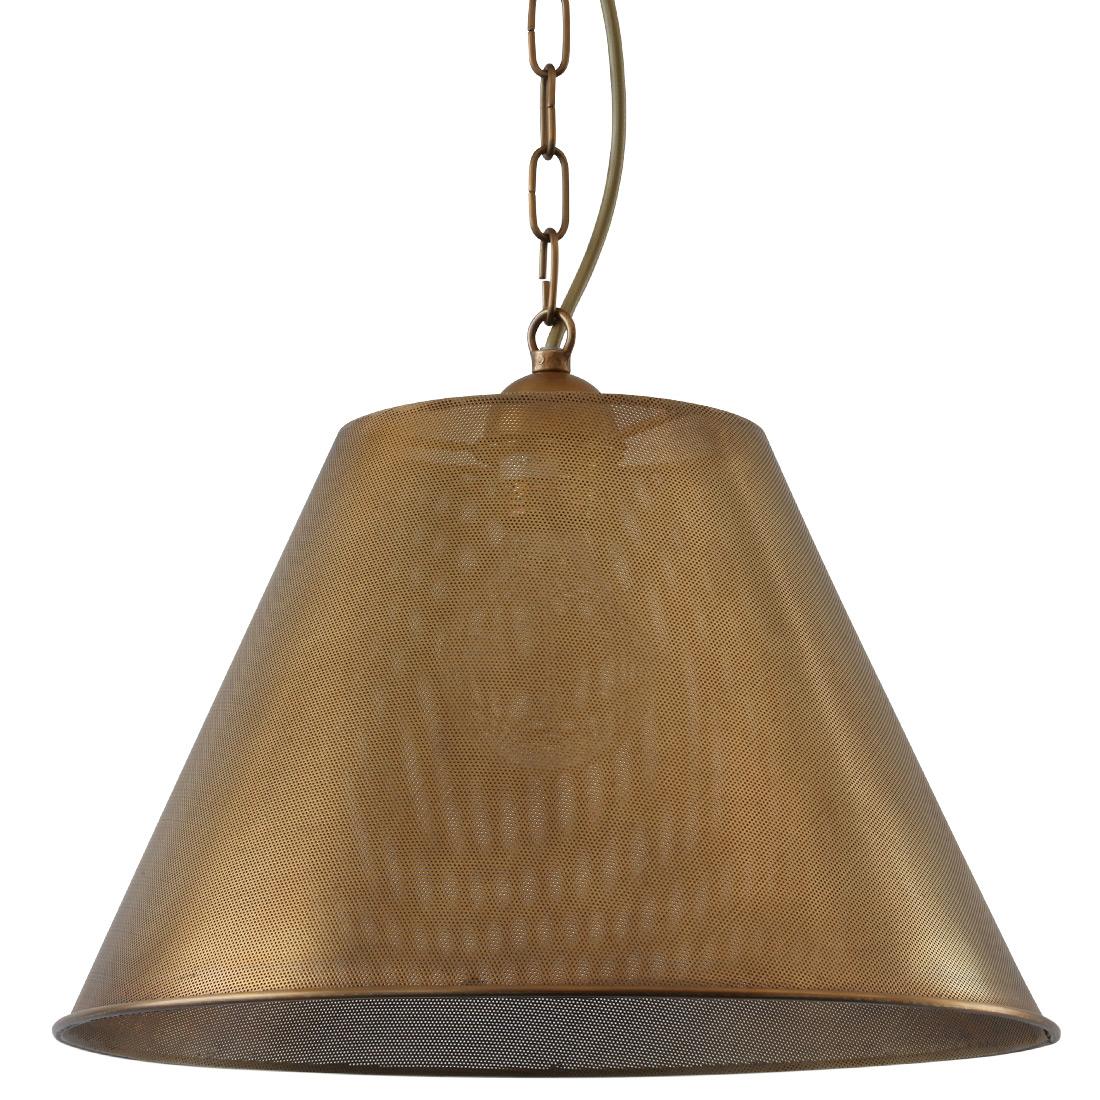 pendelleuchte mit lochblech schirm aus messing la conique. Black Bedroom Furniture Sets. Home Design Ideas